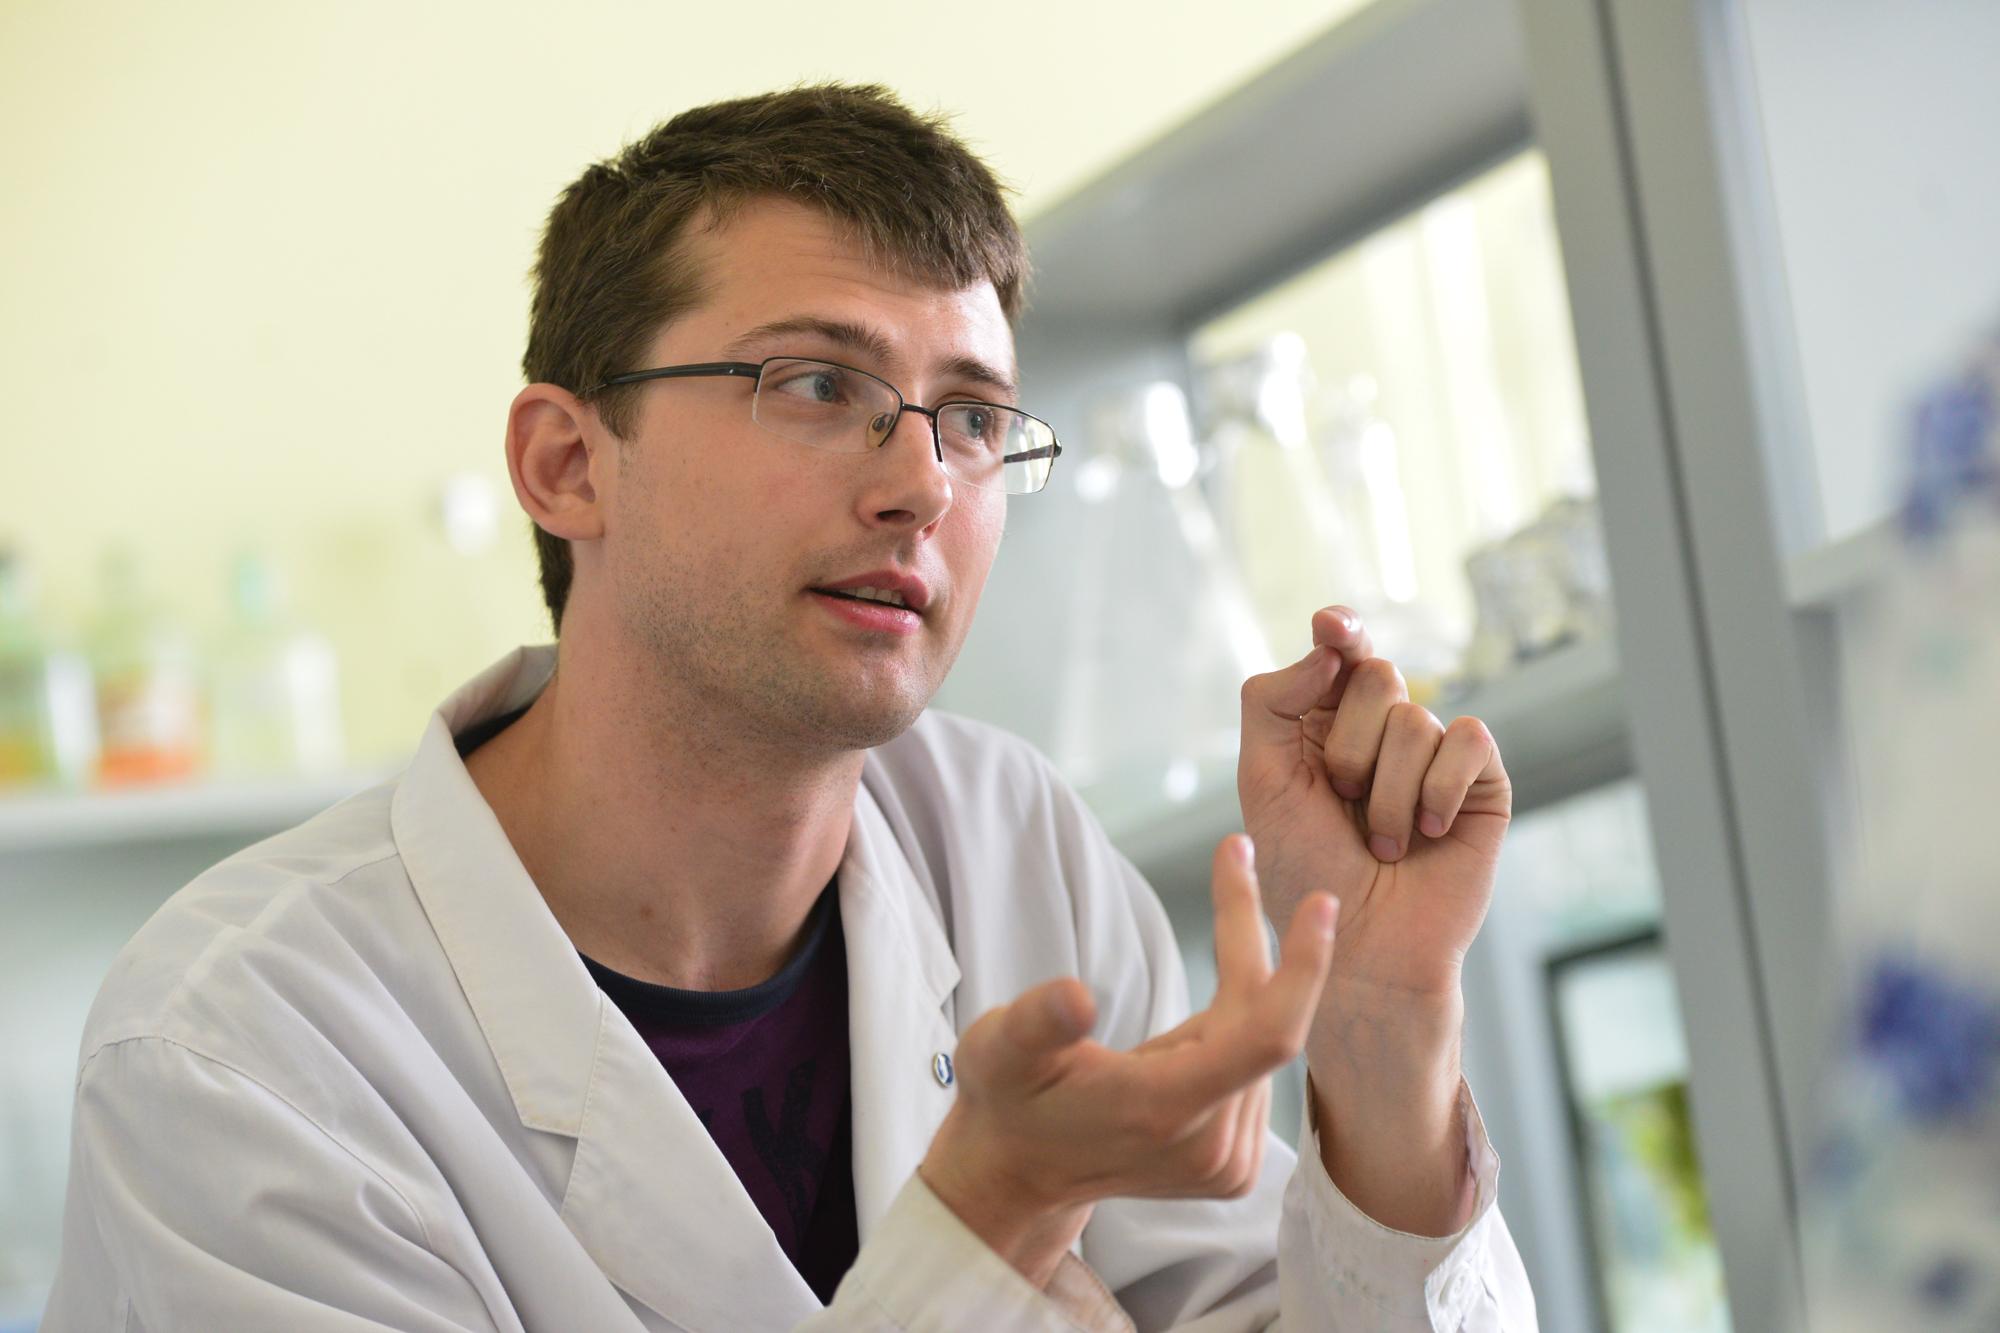 «Сам процесс выделения ДНК простой и лёгкий, вы можете его у себя дома провести», —сказал учёный и дал инструкцию, как это сделать